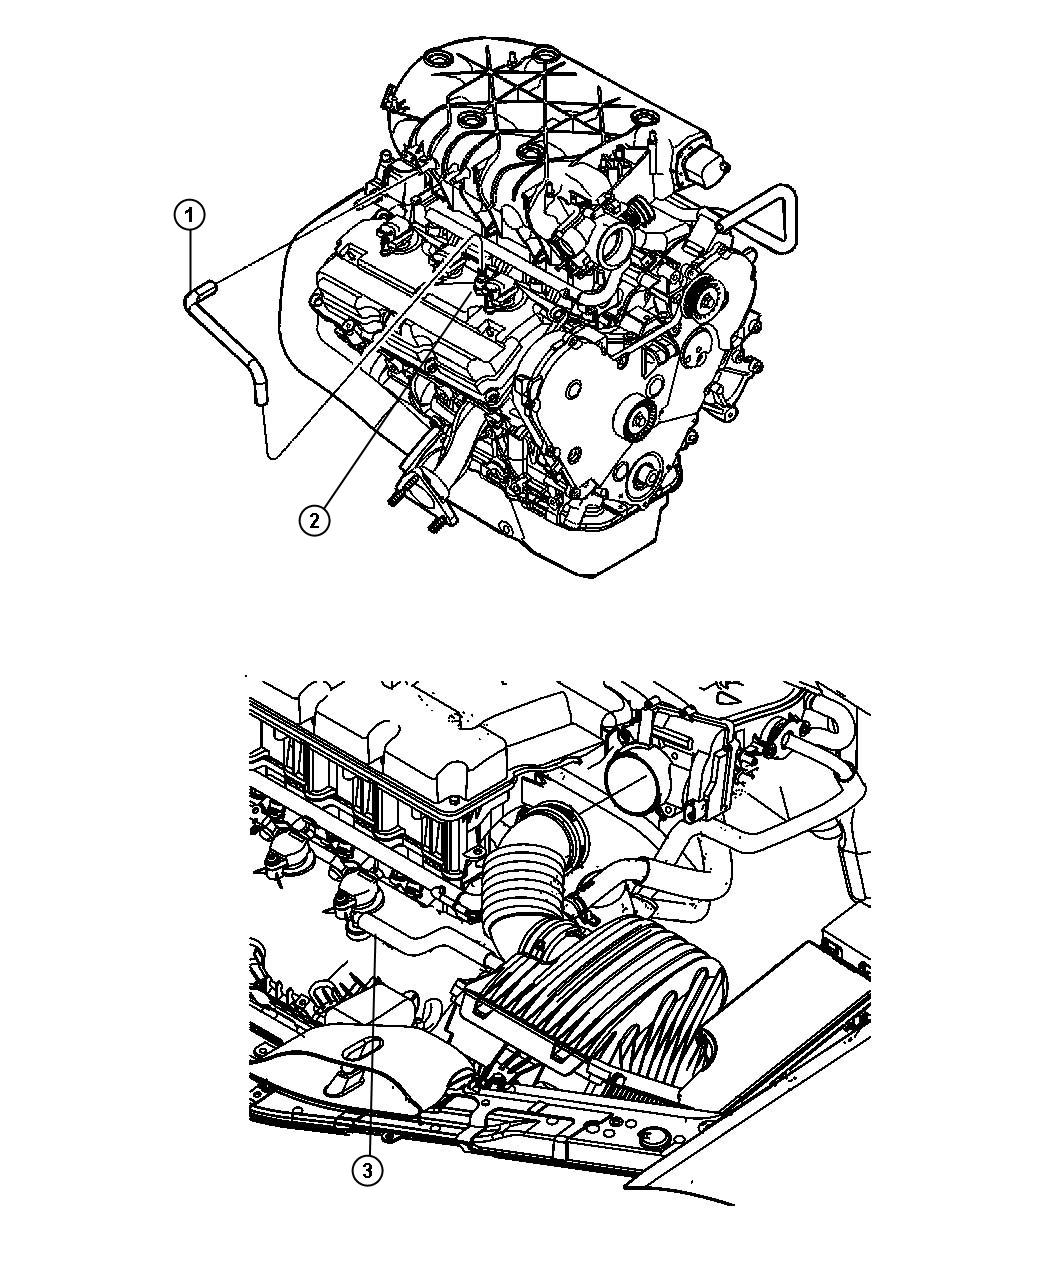 2001 dodge ram 1500 transmission diagram moreover 2005 dodge